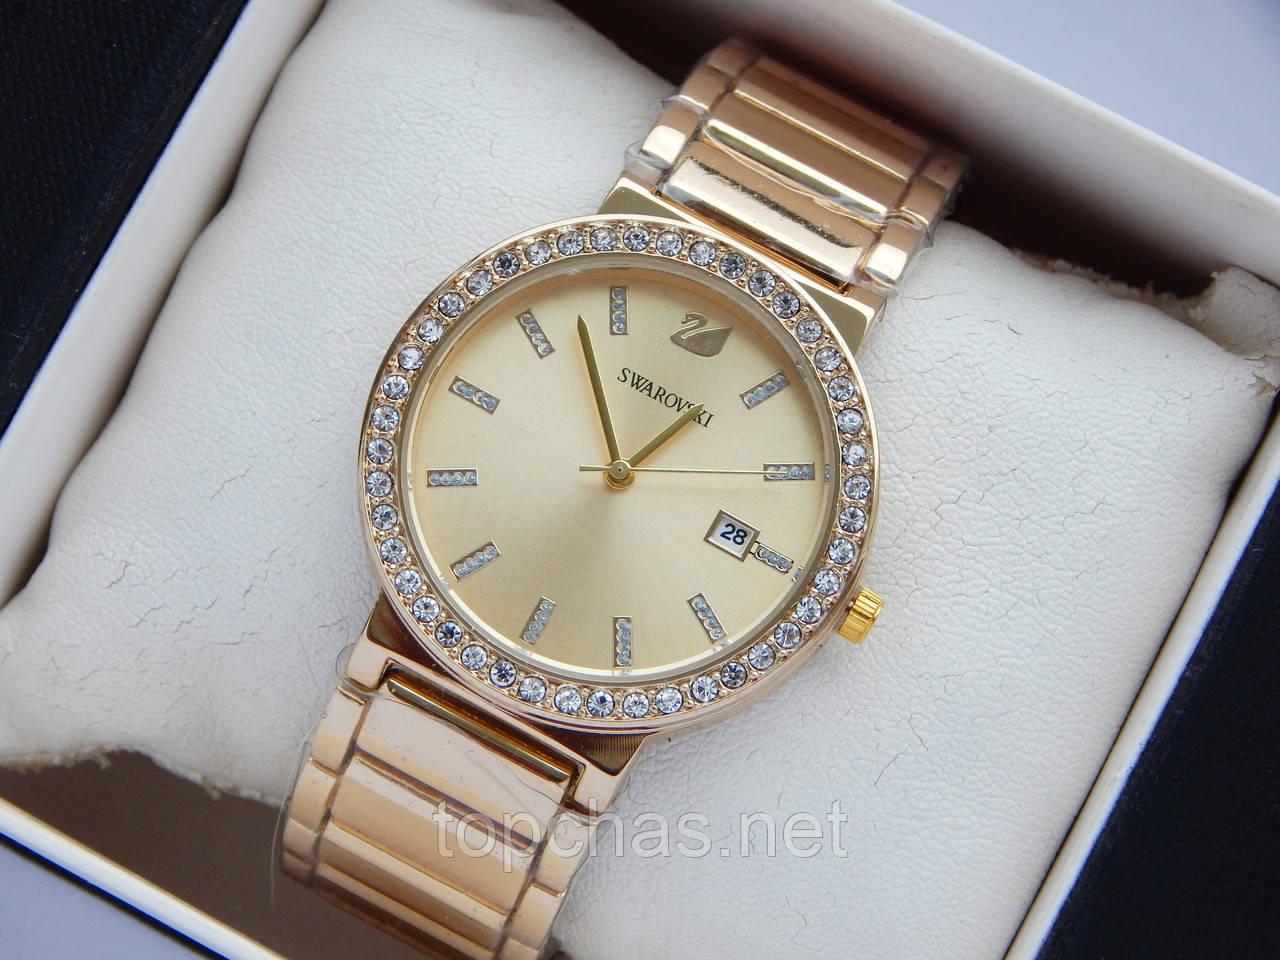 9a3cd181 Наручные часы Swarovski золотого цвета, золотистый циферблат и дата - Top  Chas - Интернет магазин